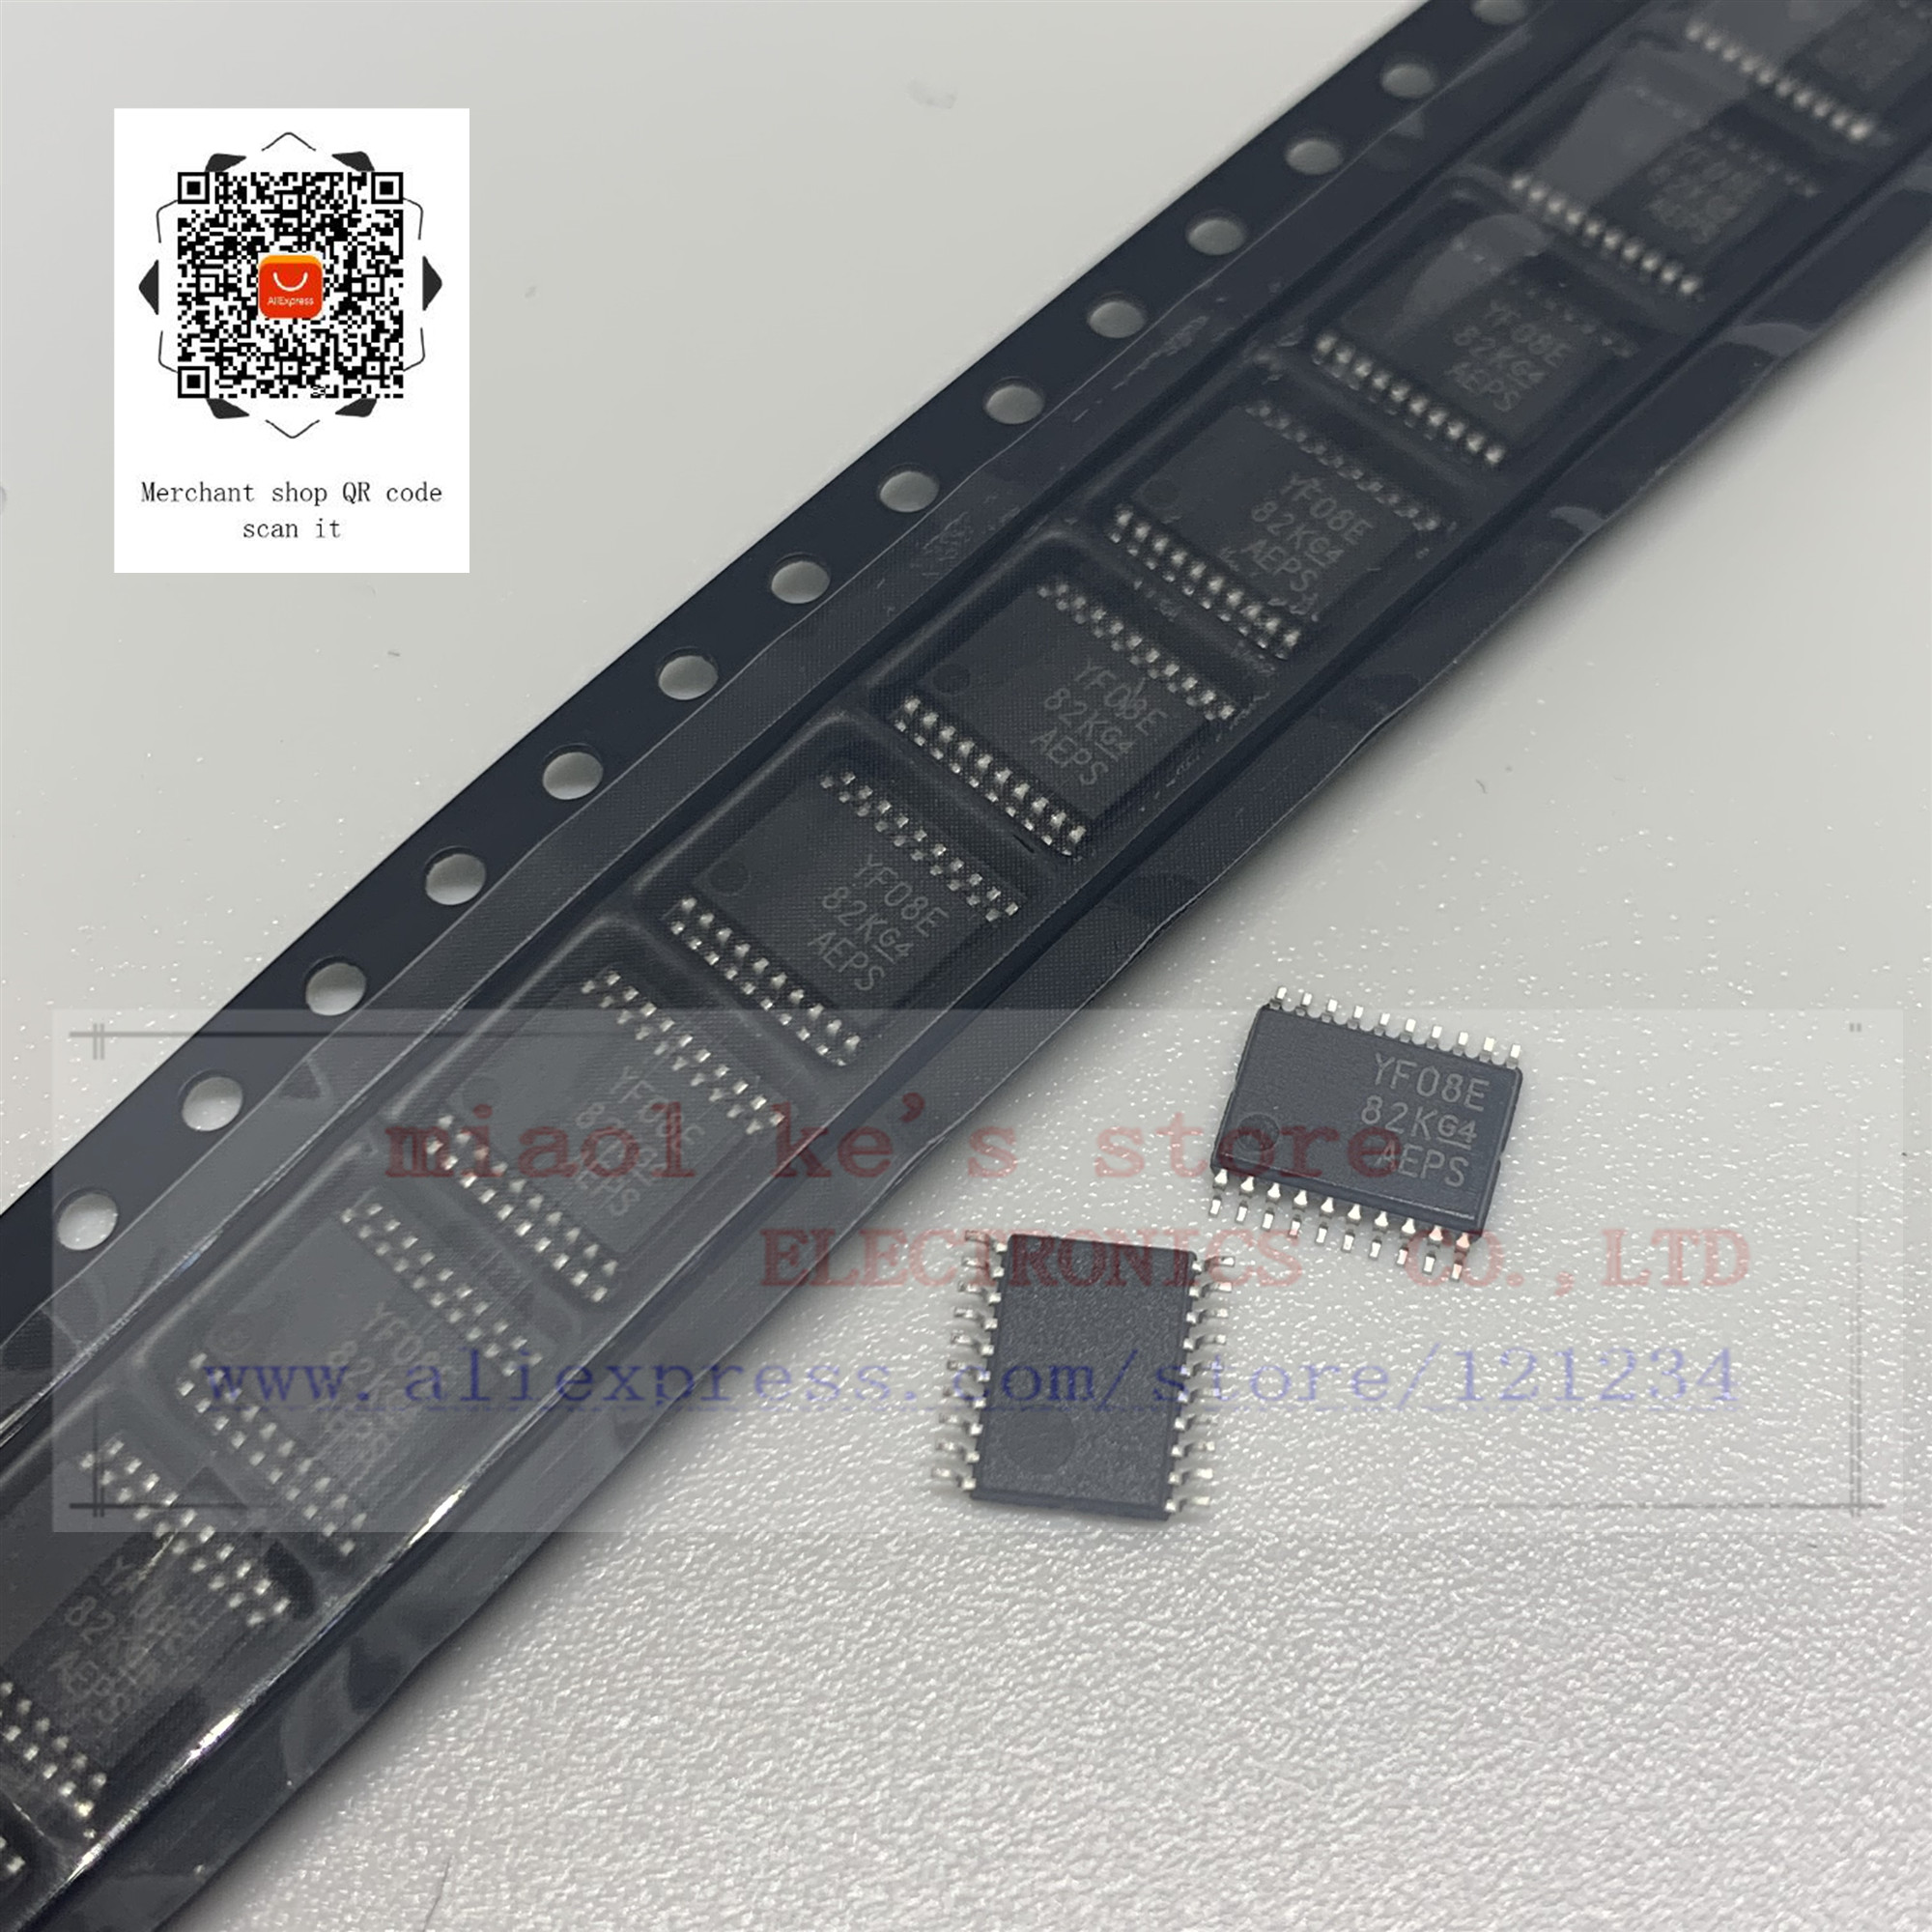 [5pcs~10pcs]100%New Original: TXS0108EPWRG4 TXS0108EPWR TXS0108EPW TXS0108E TXS0108 YF08E YE08 -IC TRNSLTR BIDIRECTIONAL 20TSSOP